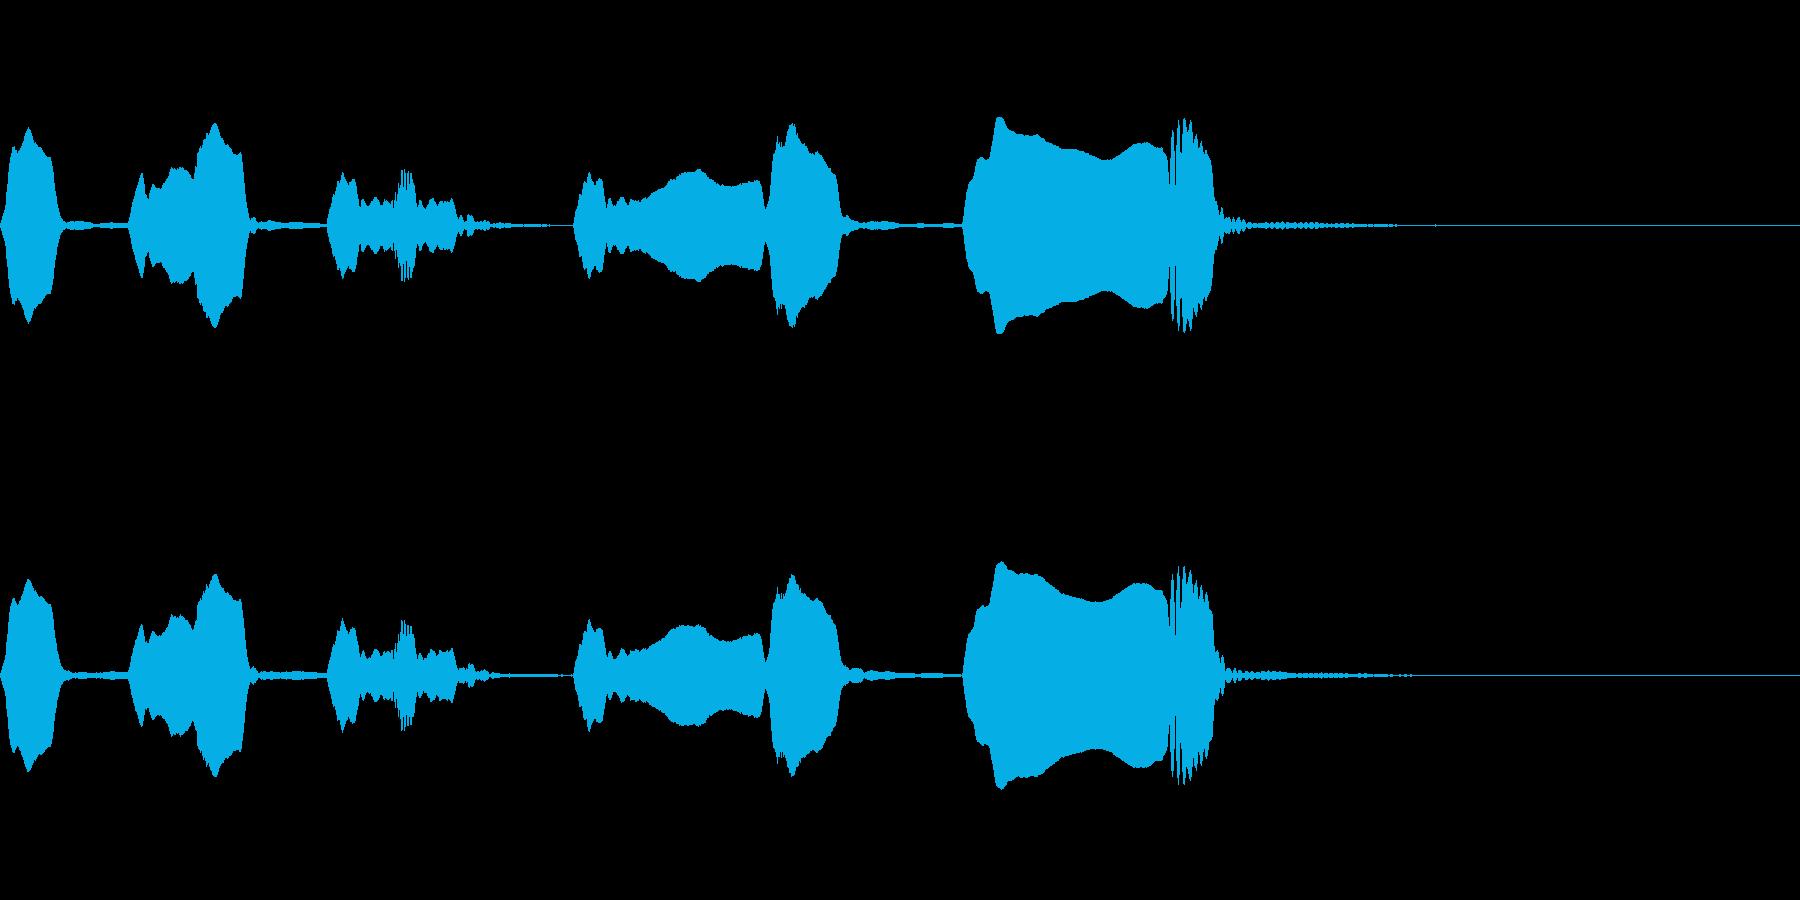 ジングル リコーダー 日常 緩いの再生済みの波形